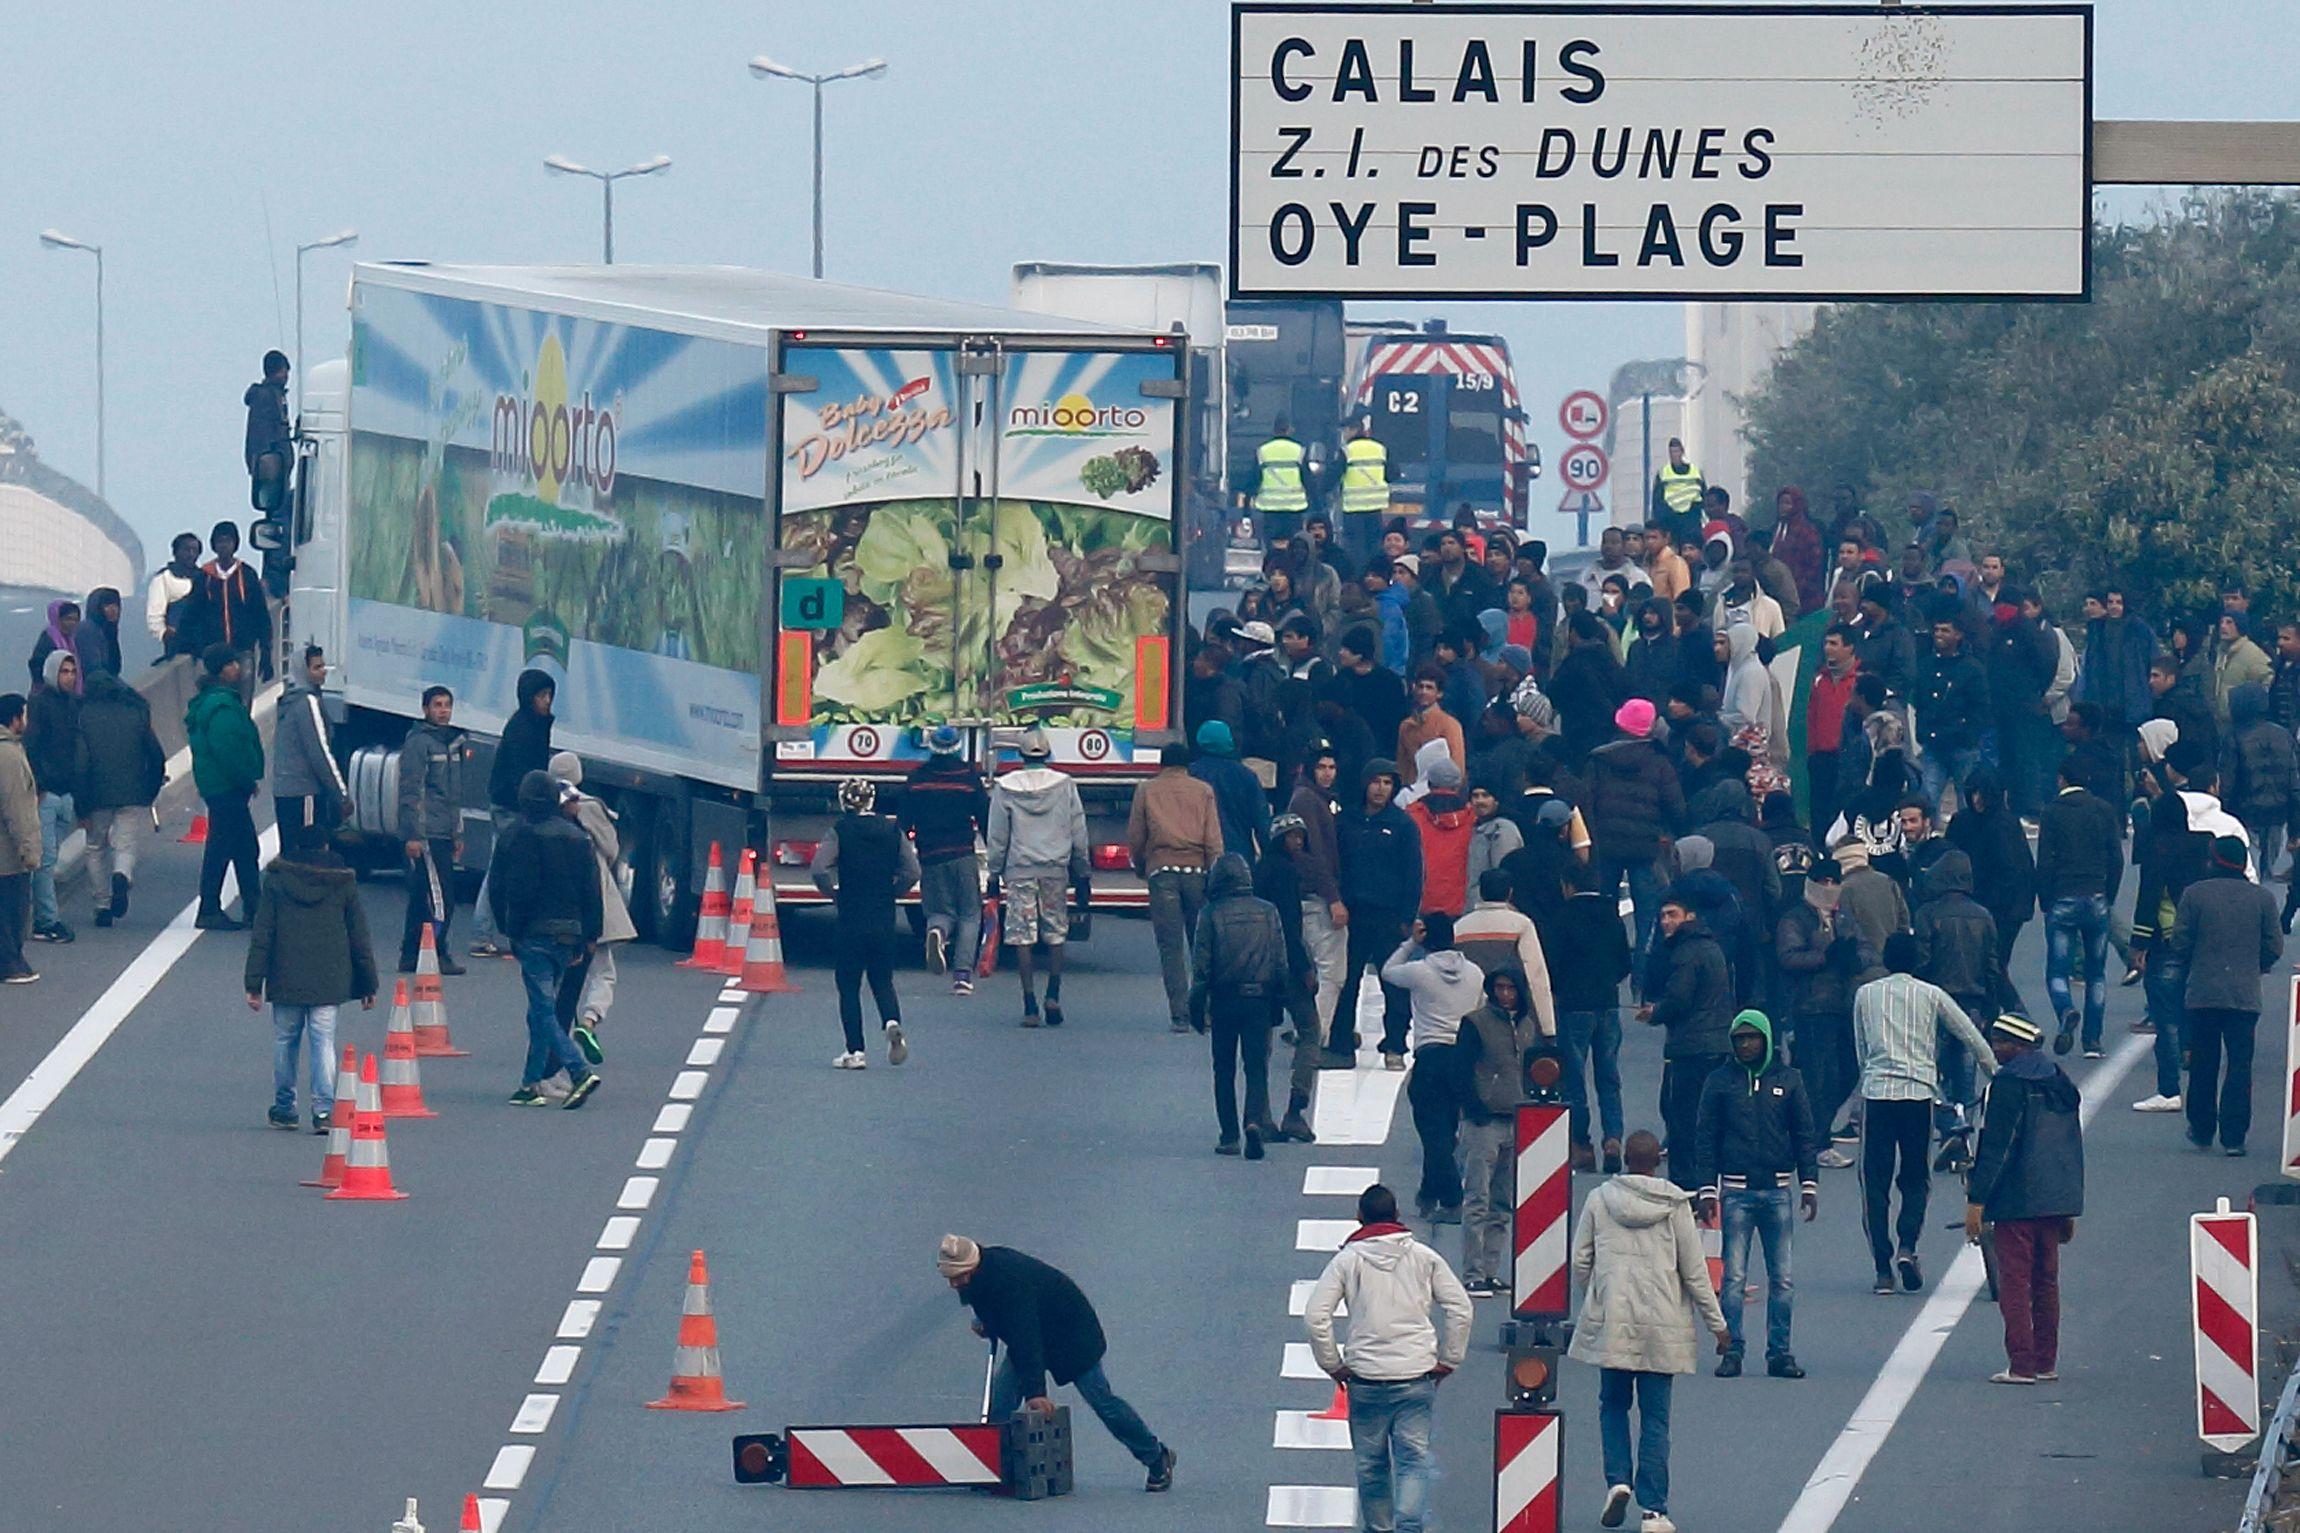 10_03_2015_migrants_calais